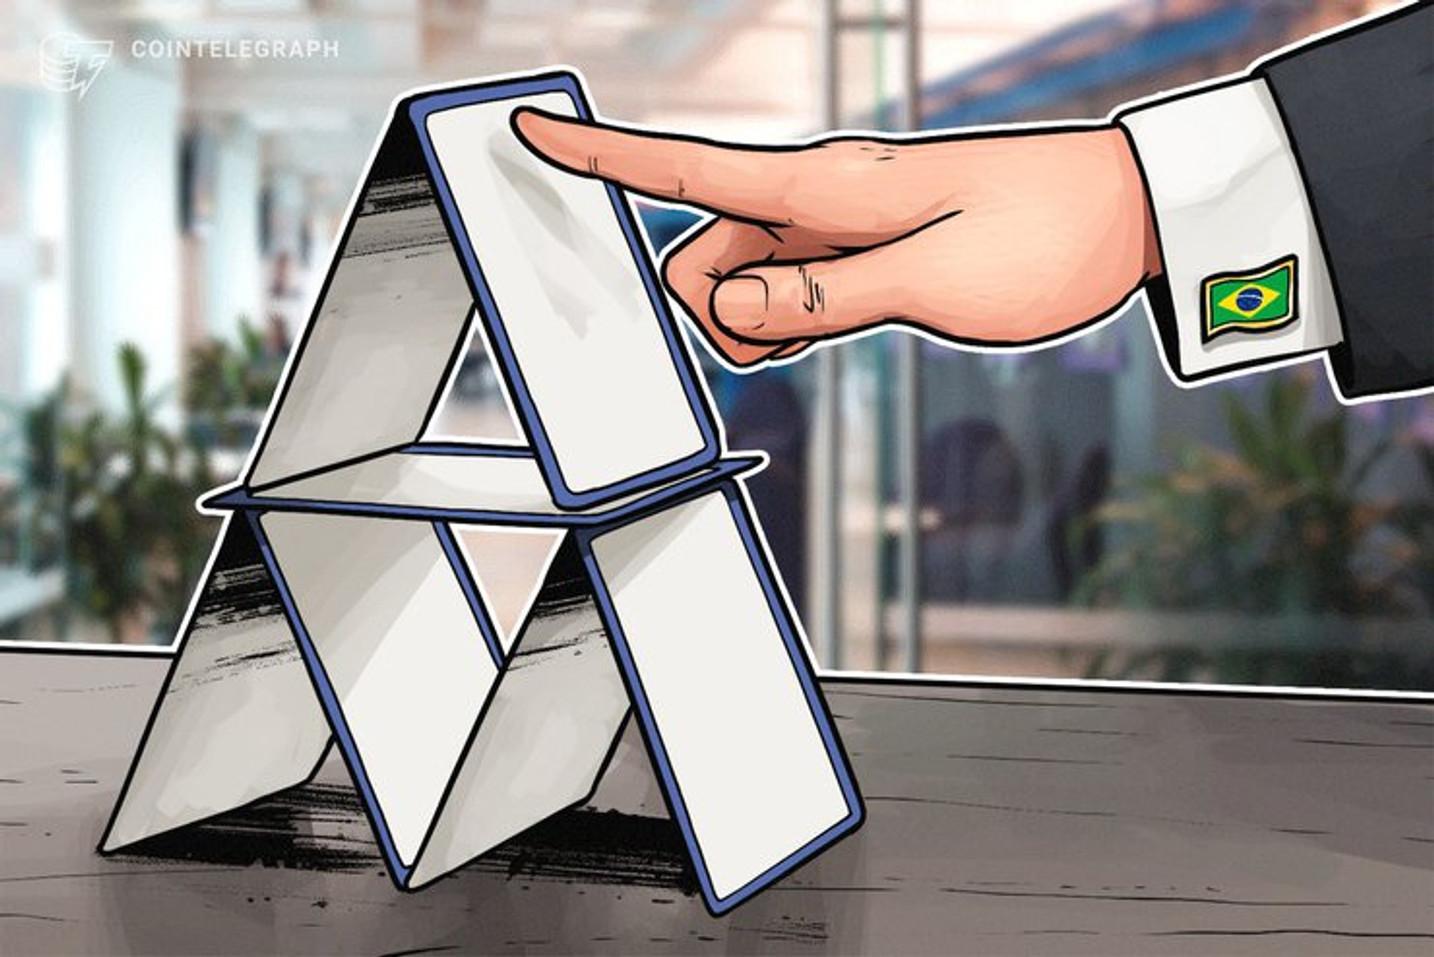 Suposta pirâmide, Blockchain Investimentos promete 'rendimentos' de até 540% ao ano